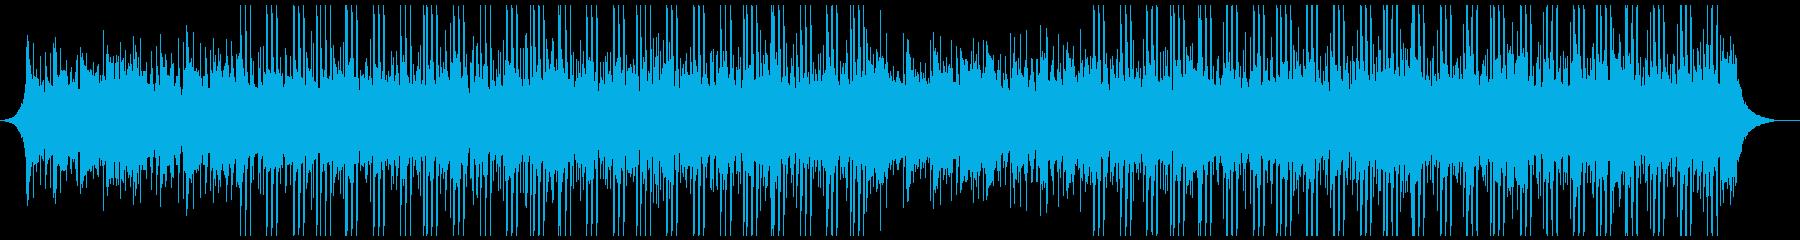 感動のテクノロジーの再生済みの波形